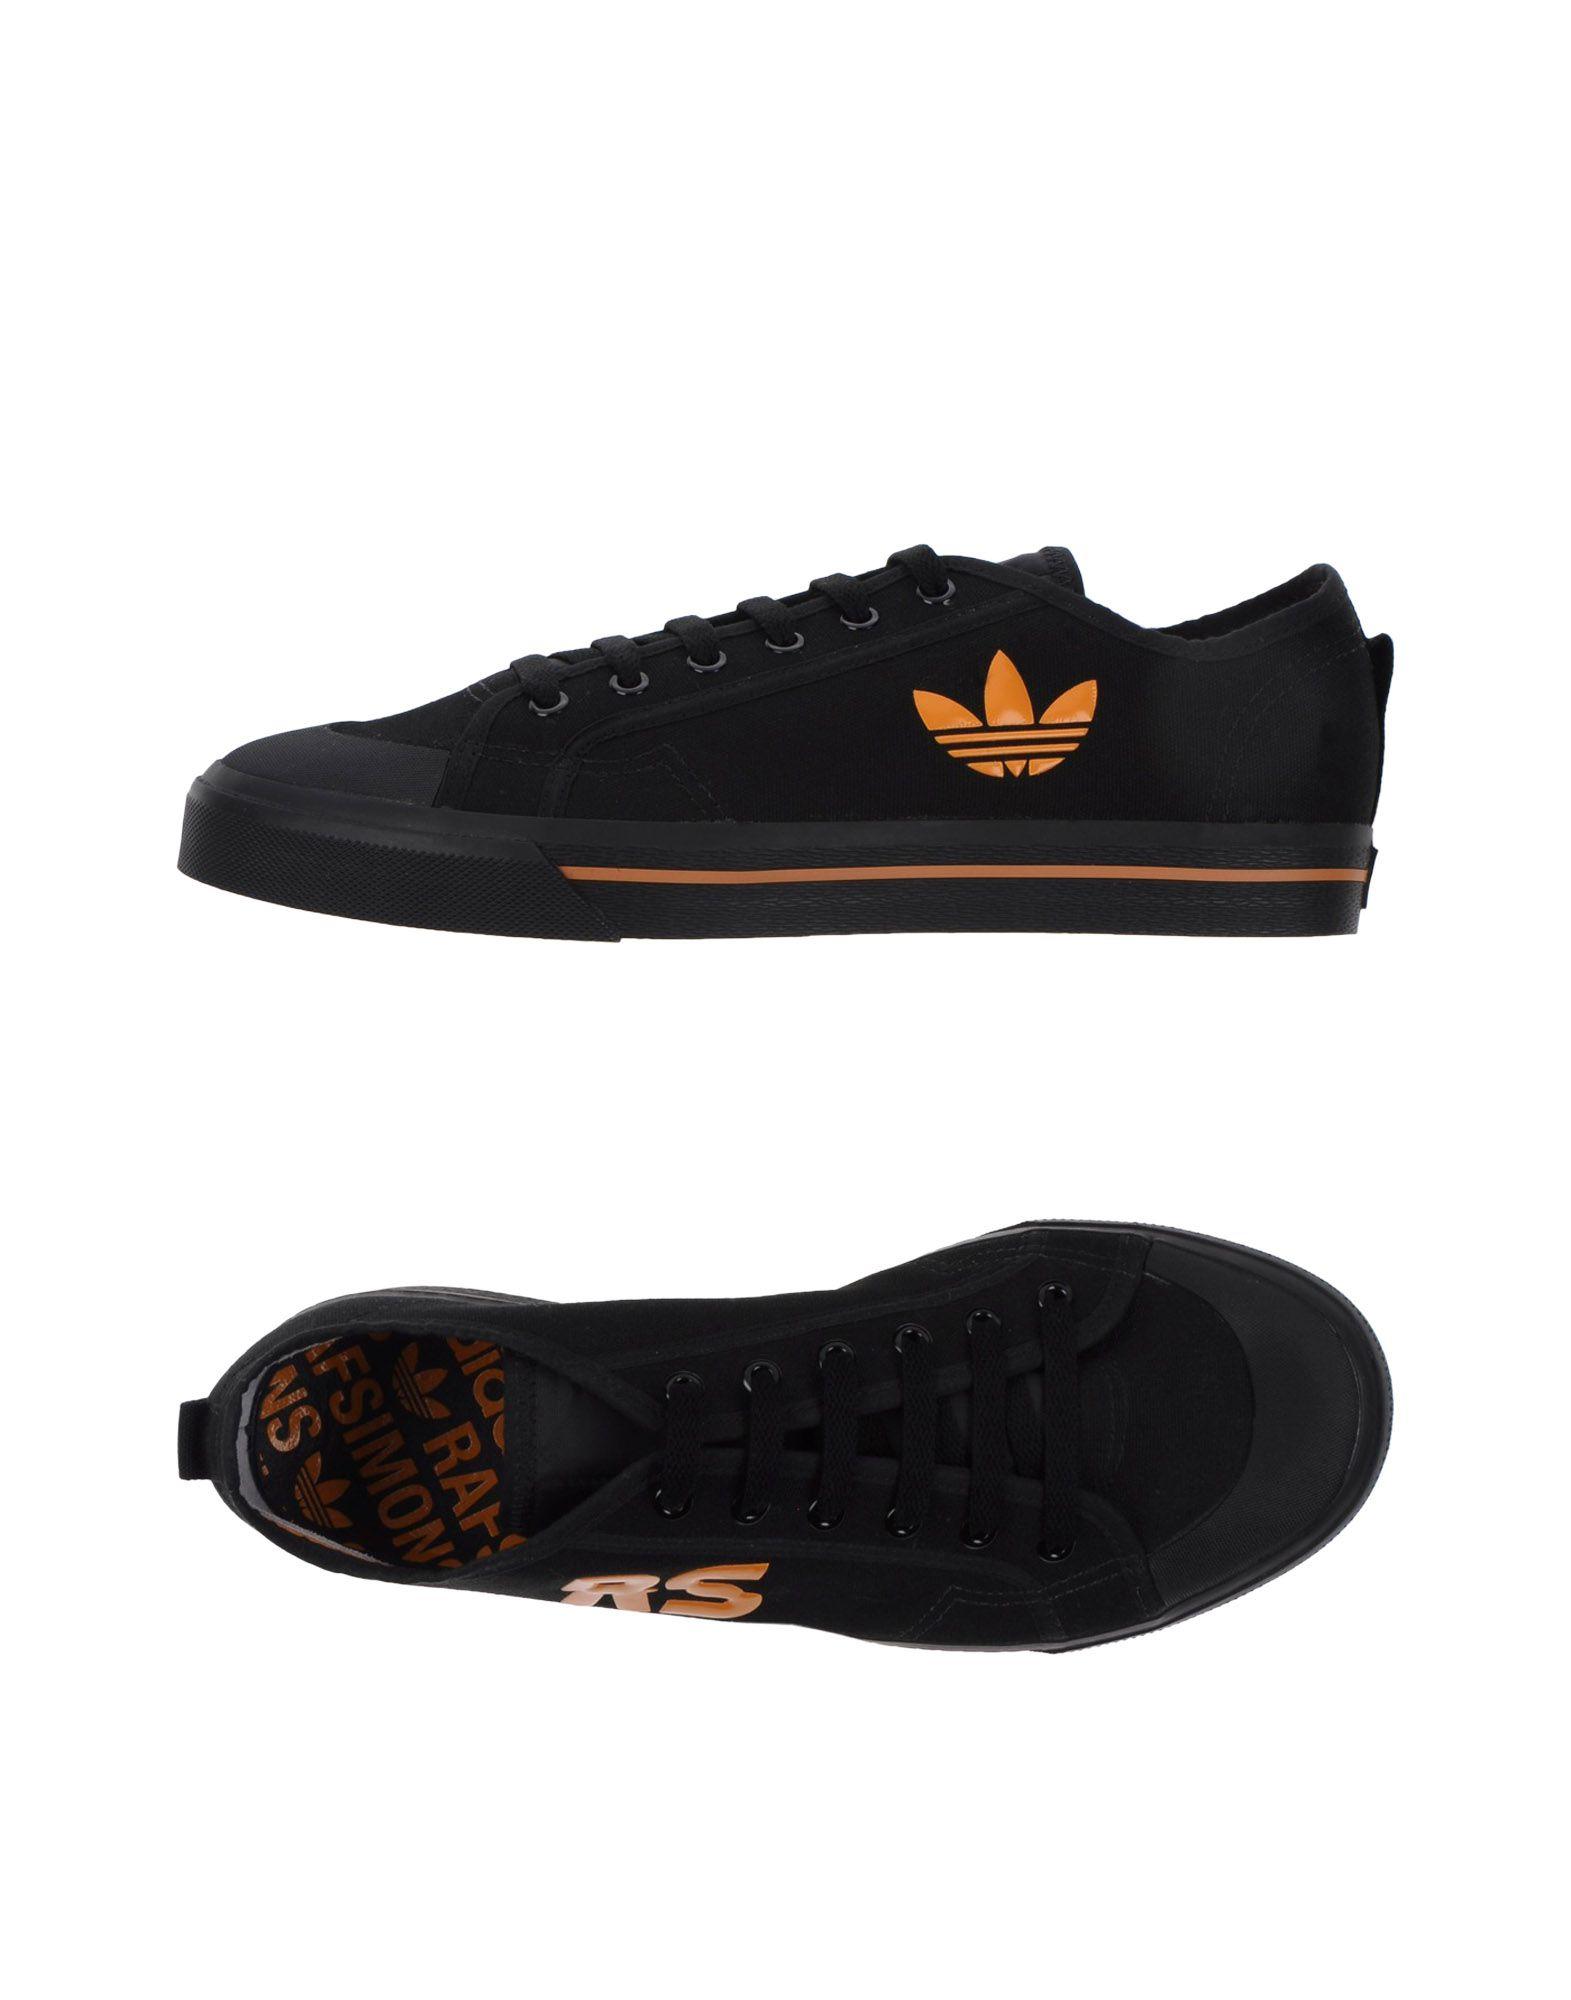 Adidas Sneakers By Raf Simons Sneakers Adidas Herren  11360288BI 6aeee0